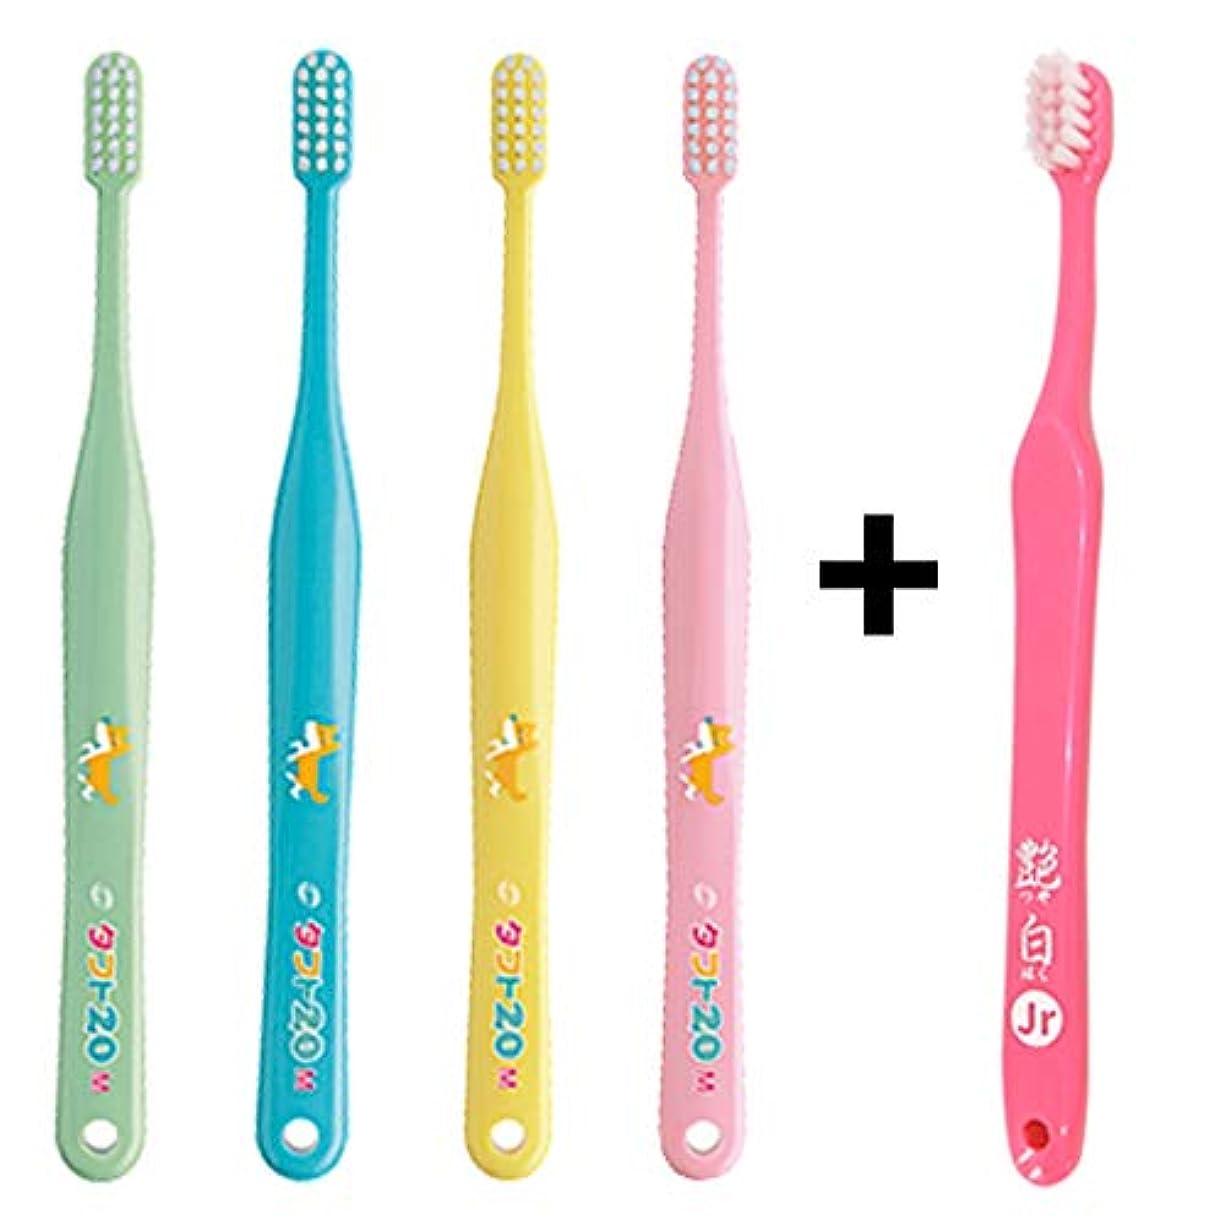 賢いふける主流タフト20 M(ふつう) こども 歯ブラシ×10本 + 艶白(つやはく) Jr ジュニア ハブラシ×1本 MS(やややわらかめ) 日本製 歯科専売品